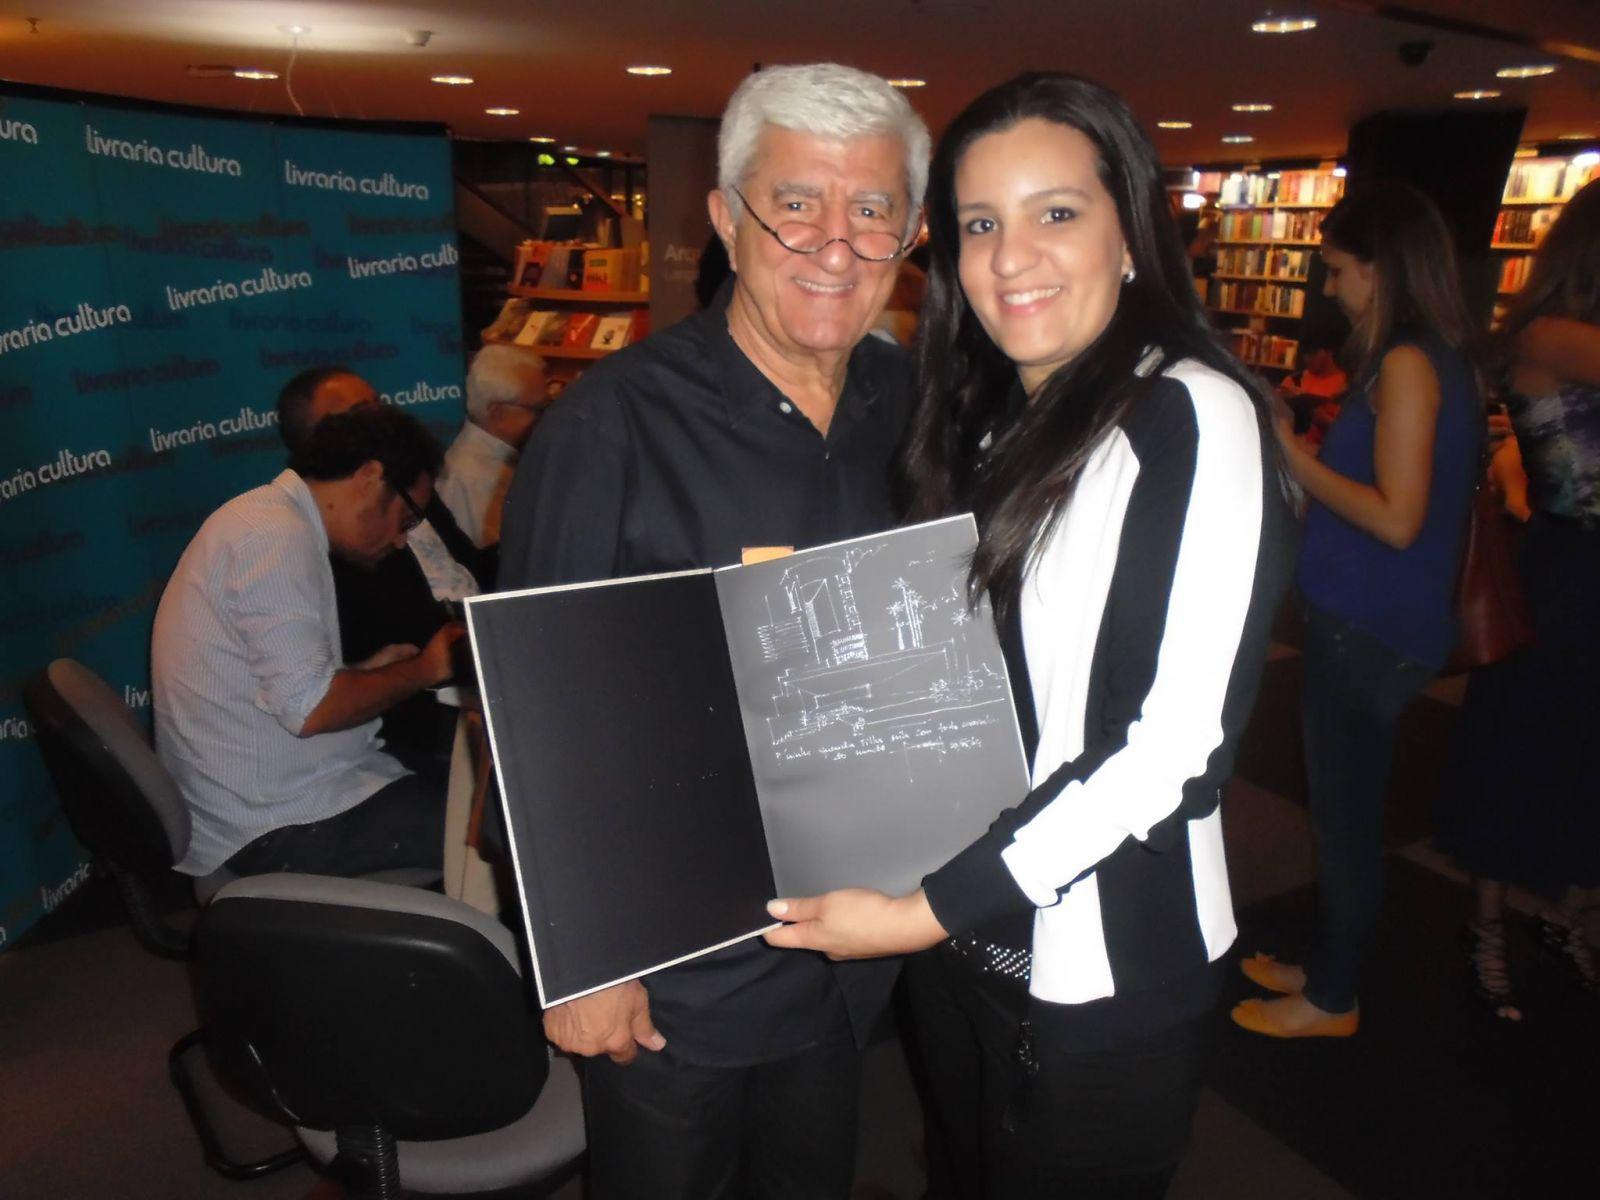 Mila Caramelo a famosa arquiteta de interiores, e aniversariante de hoje dia 08, com seu pai o arquiteto Antonio Caramelo